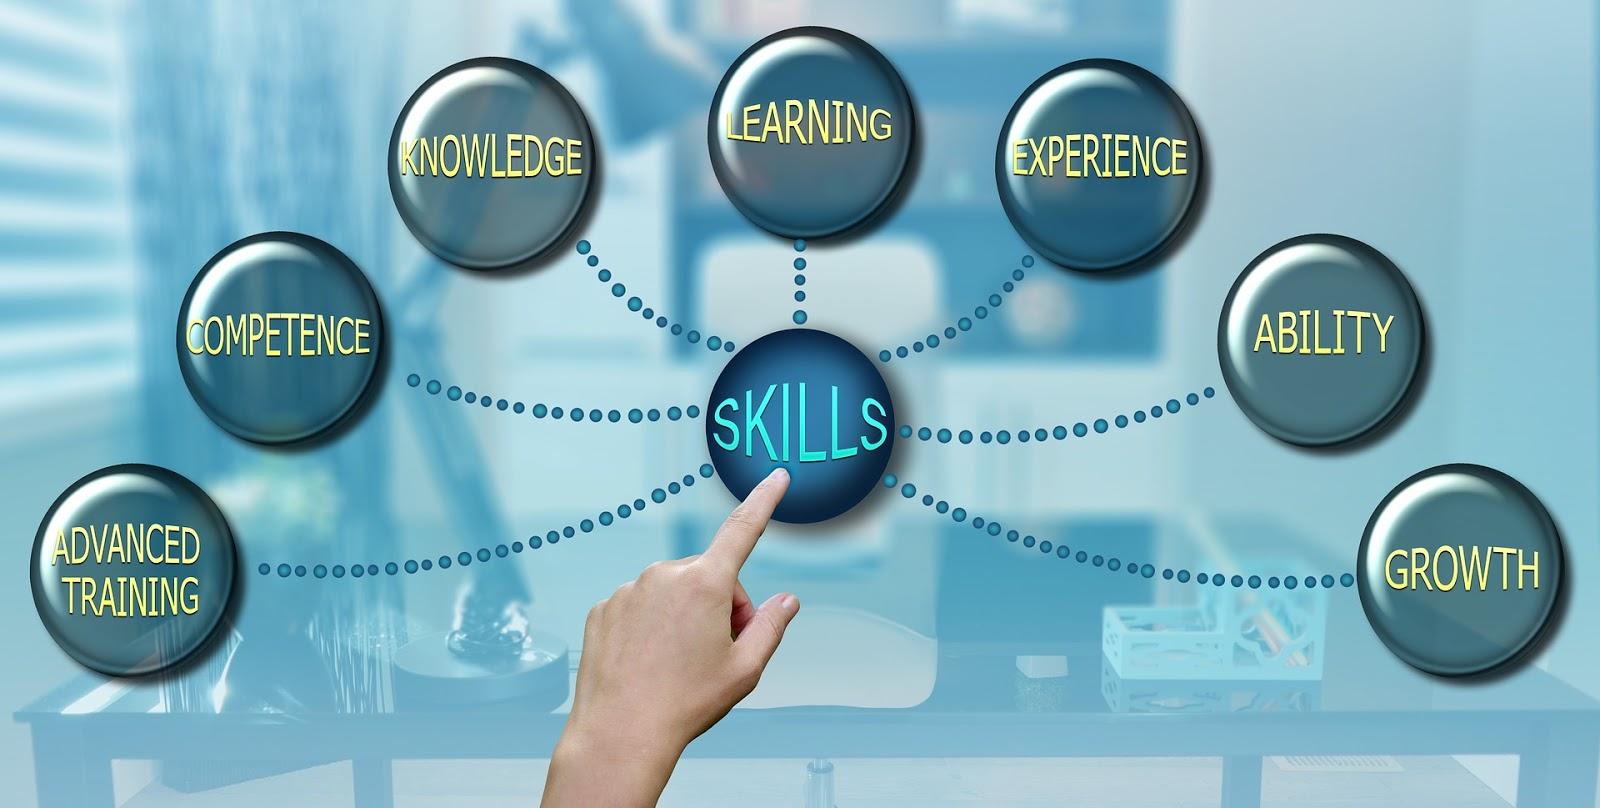 Avaliação de competências: o que é e como fazer? Confira!